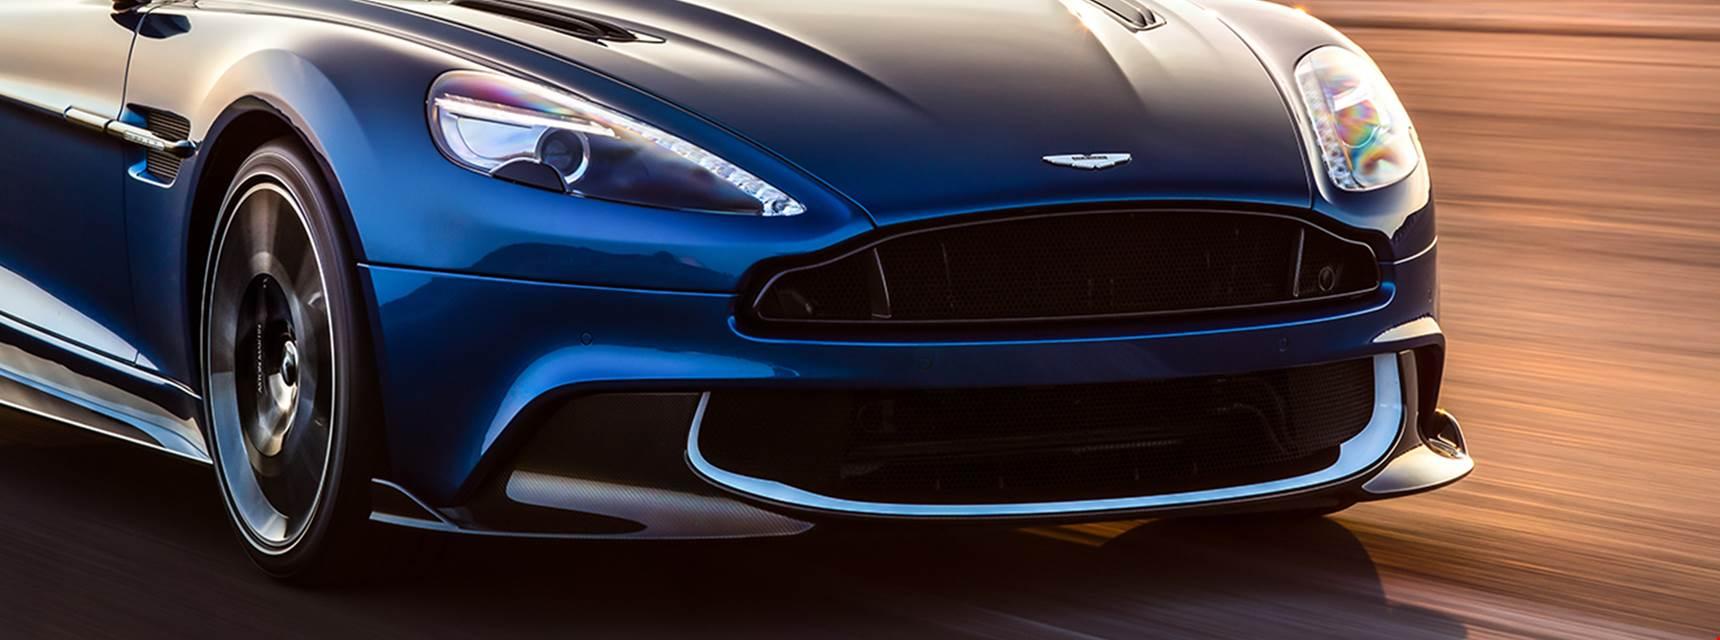 Aston Martin Vanquish For Sale In Austin TX Aston Martin Of - Aston martin vanquish for sale